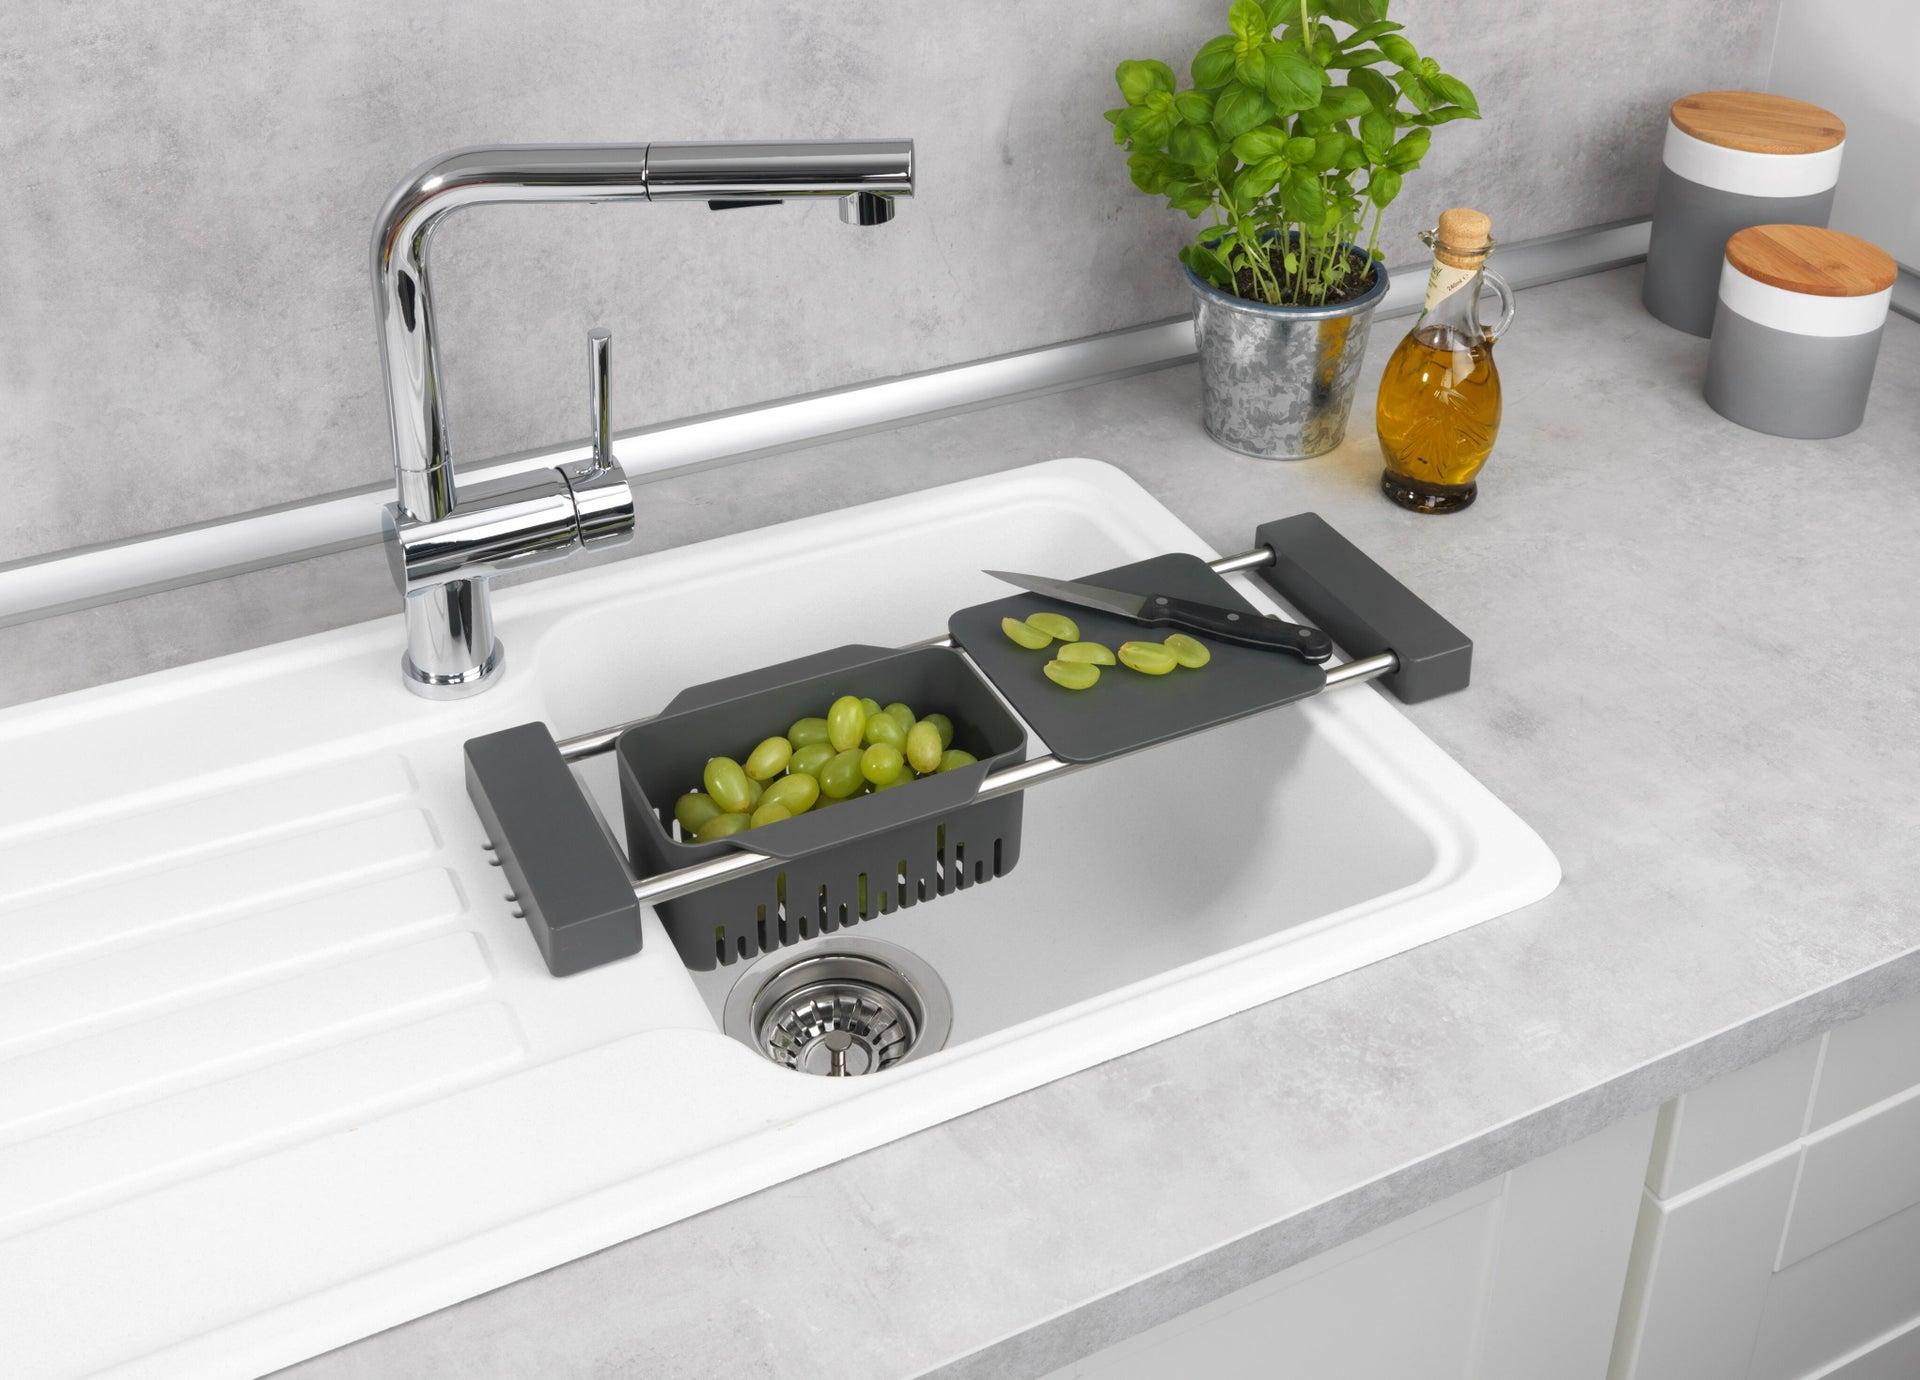 Vaschetta portaoggetti per lavello Cami per lavello grigio L 77.5 x P 14 x H 8 cm - 3